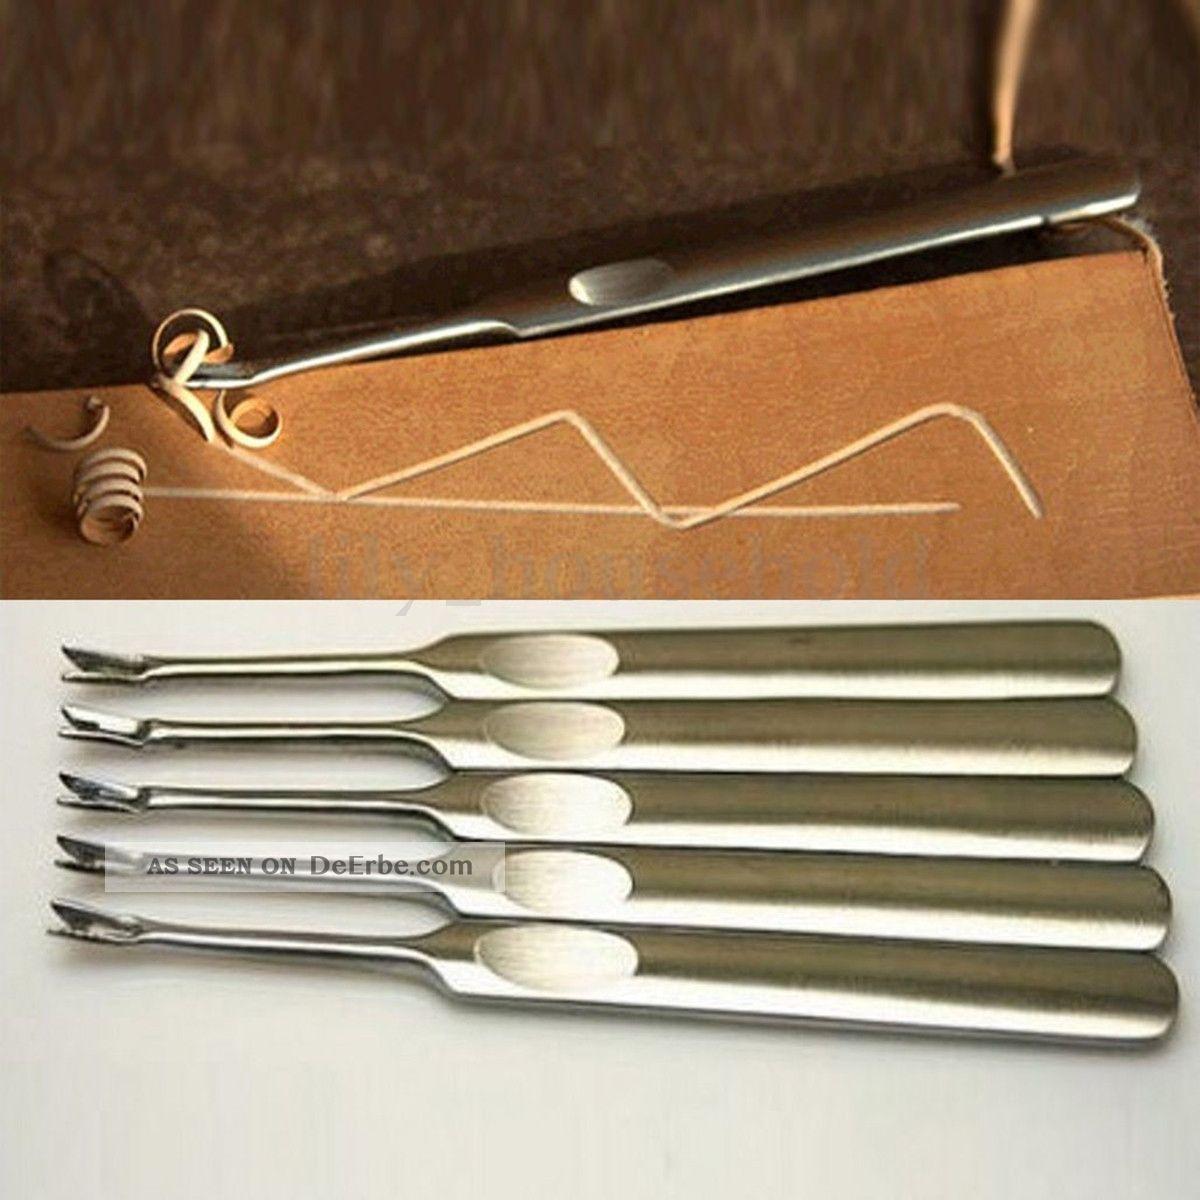 Holzbox Aufbewahrungsbox Box Für Präge Stempel Punch Tool Leder Werkzeug Sammeln Sattler Bild